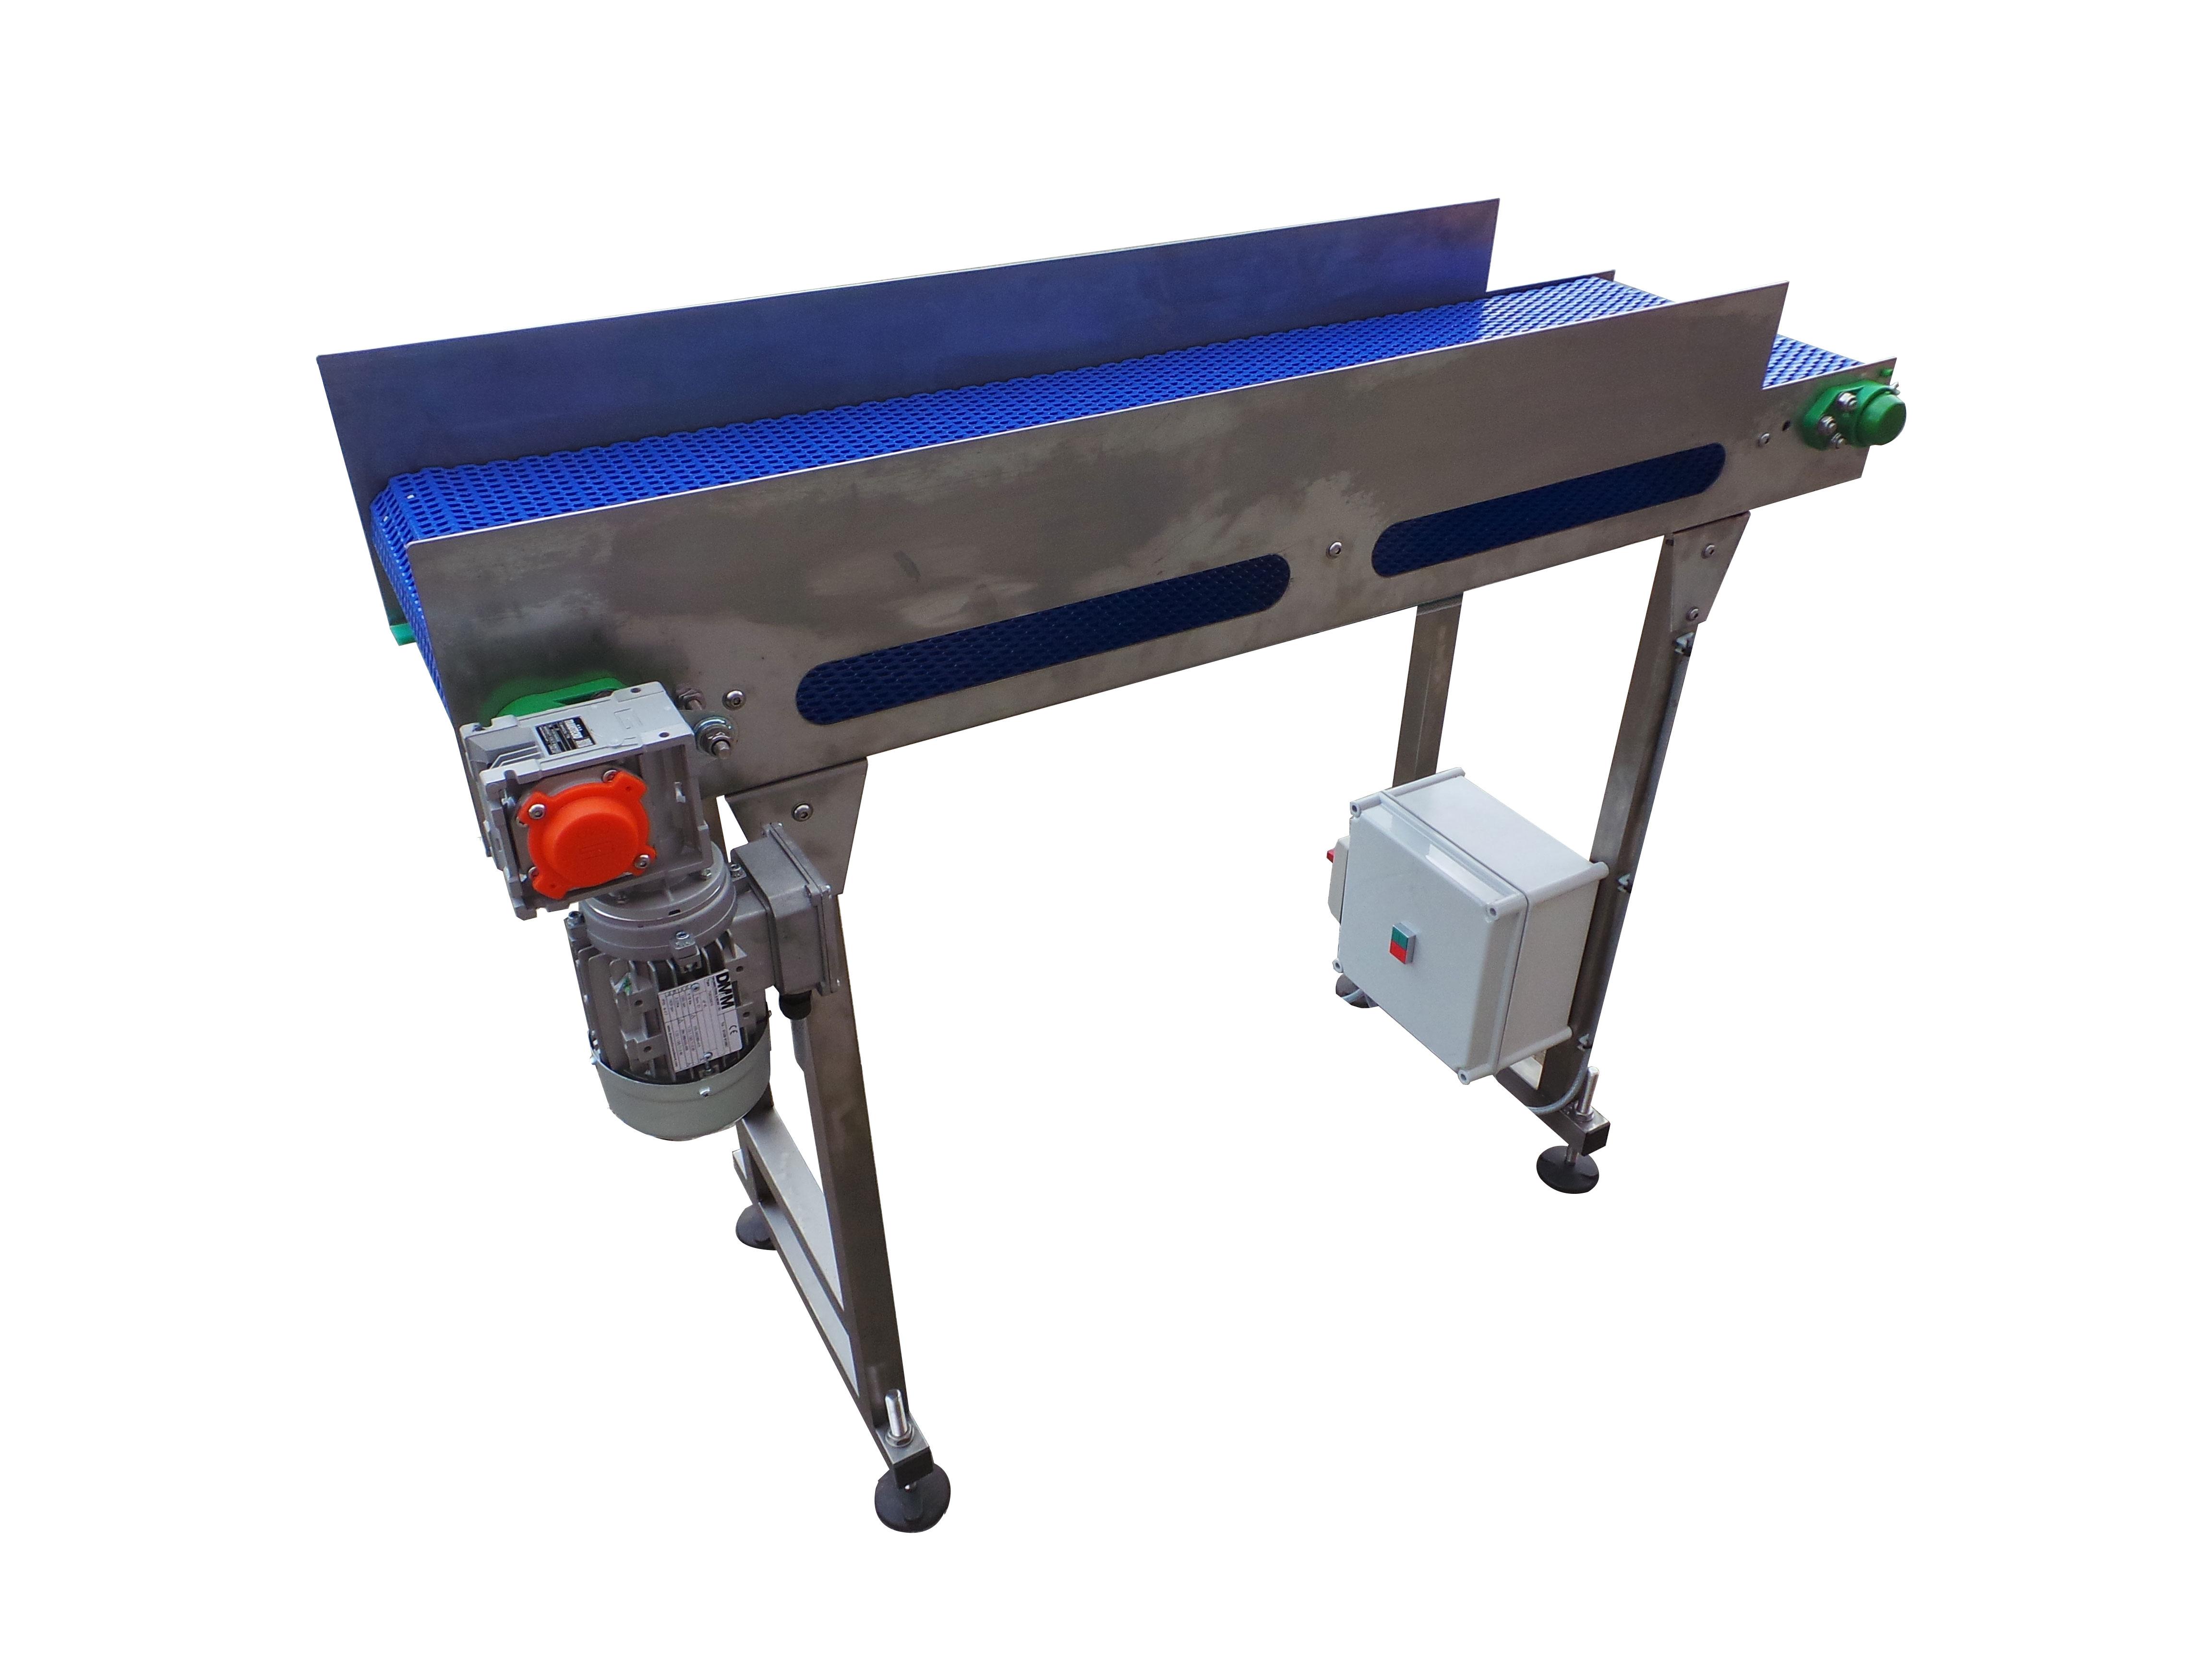 Food safe modular belt conveyors